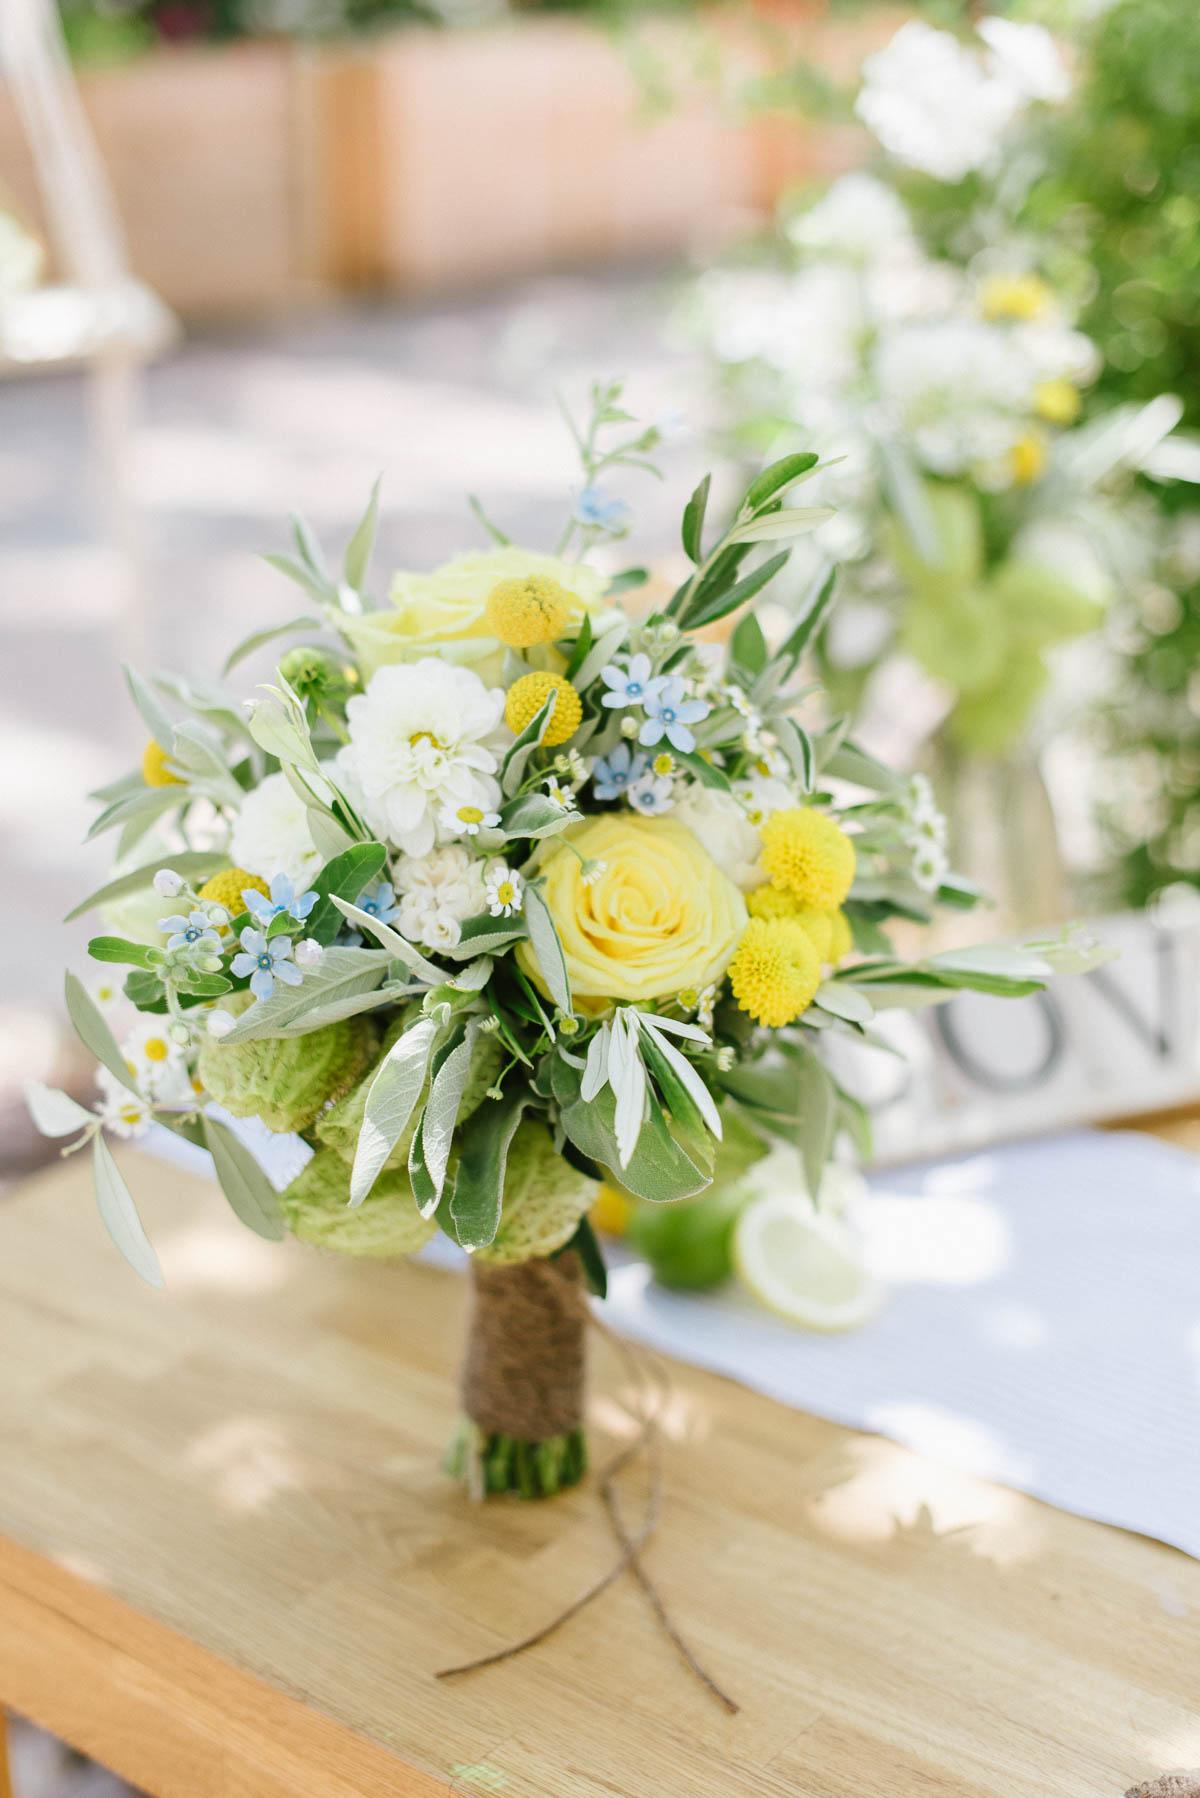 Blumenstrauß mit sonnigem Hintergrund - Produktfotos draußen fotografieren